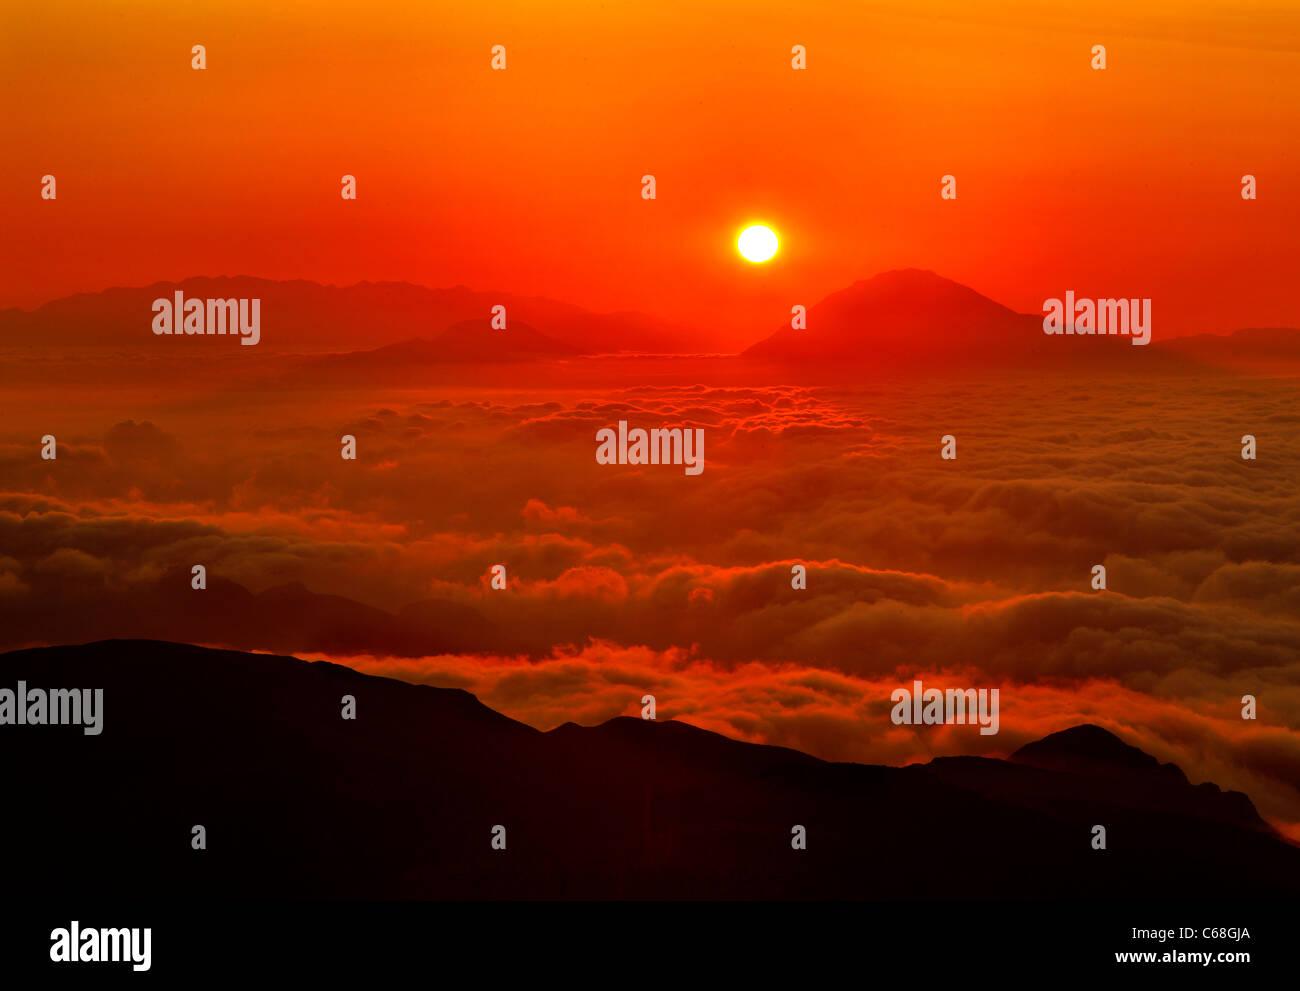 Puesta de sol sobre un mar de nubes. Foto tomada desde el monte Kofinas Asterousia el pico más alto de la cordillera, Imagen De Stock